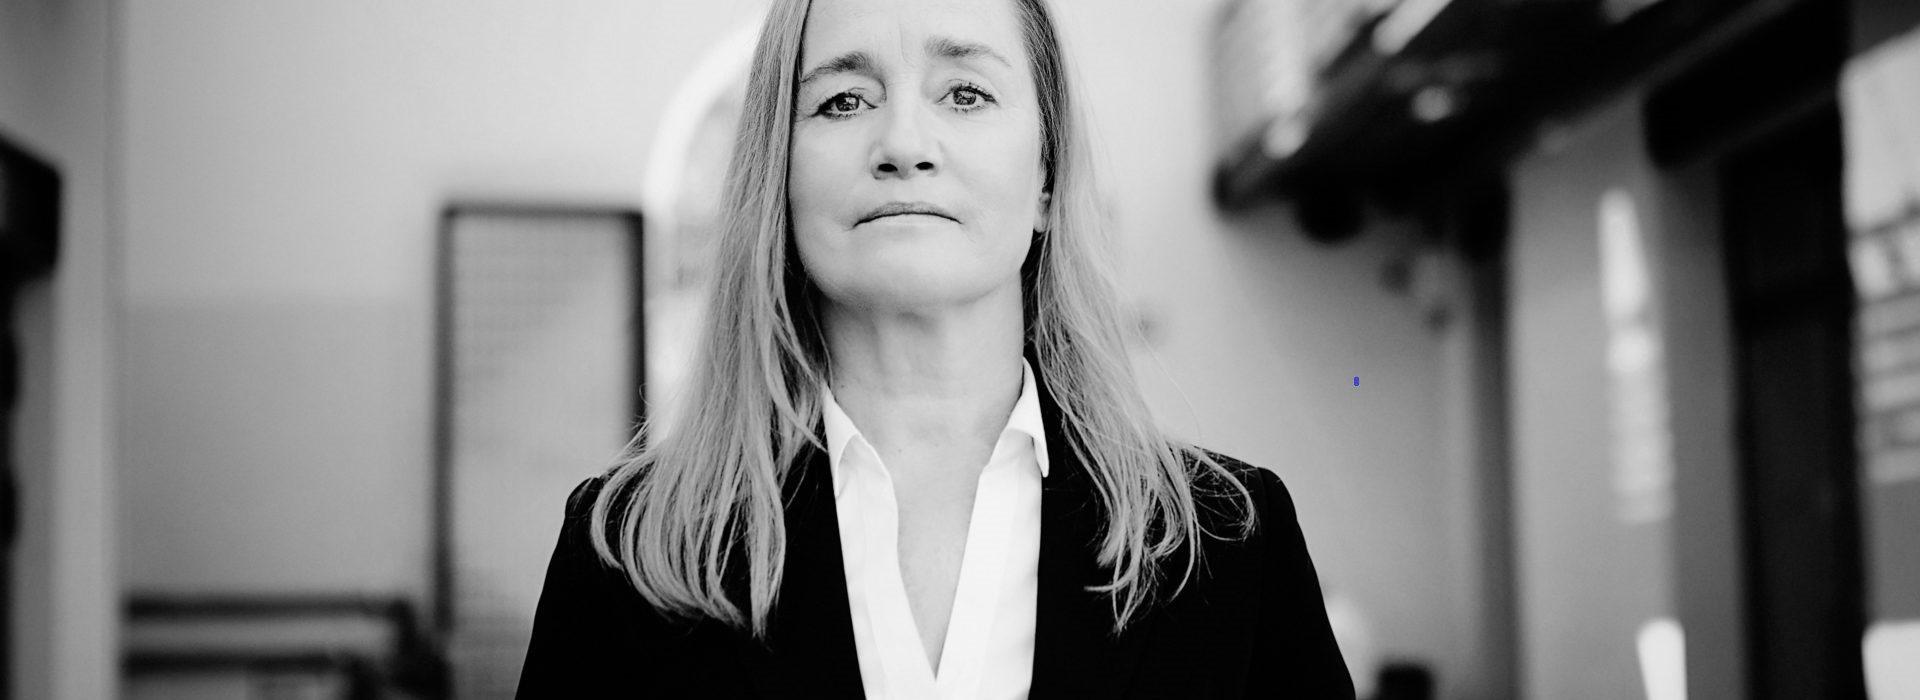 Nadja-Engel-©-Petite-Machine-B-21-sw-1920x1276